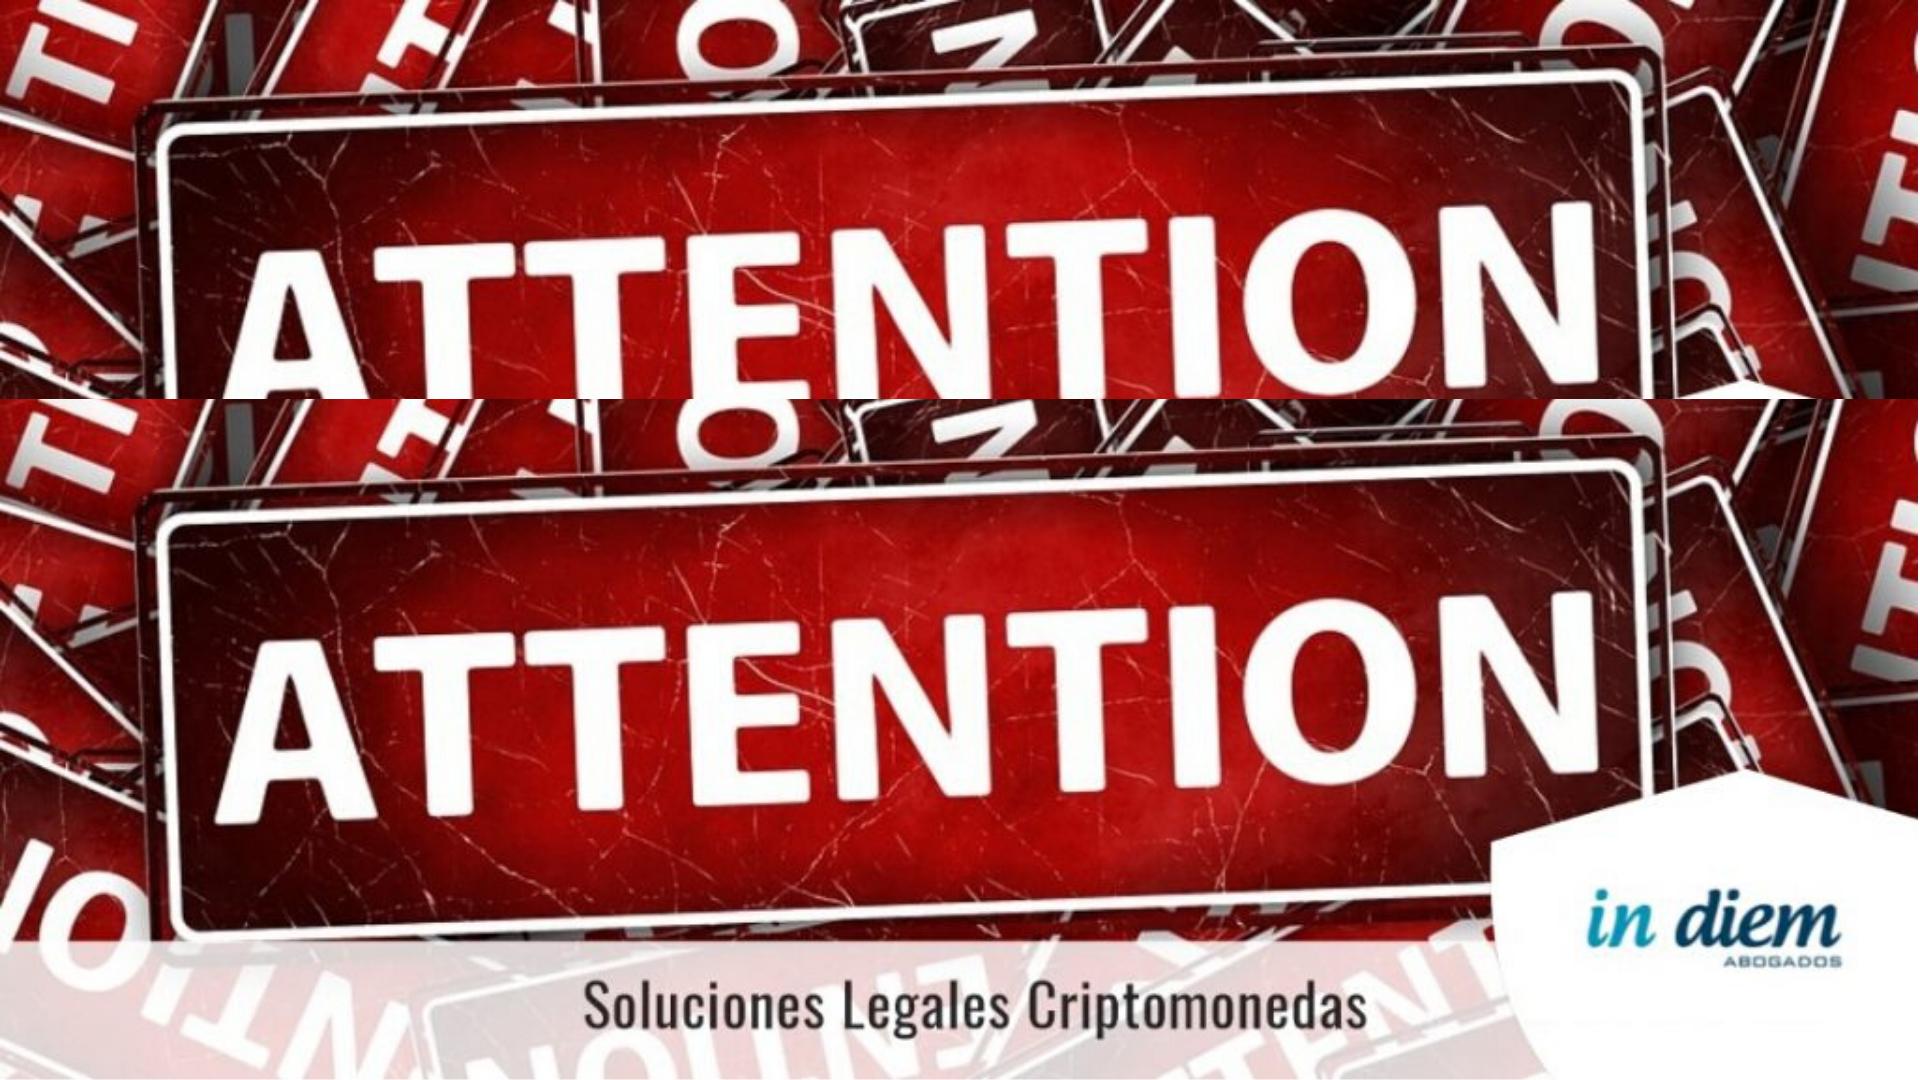 Abogados-Criptomonedas-Scam-Fraude-Estafa-Incumplimiento-ICO-IN-DIEM-3